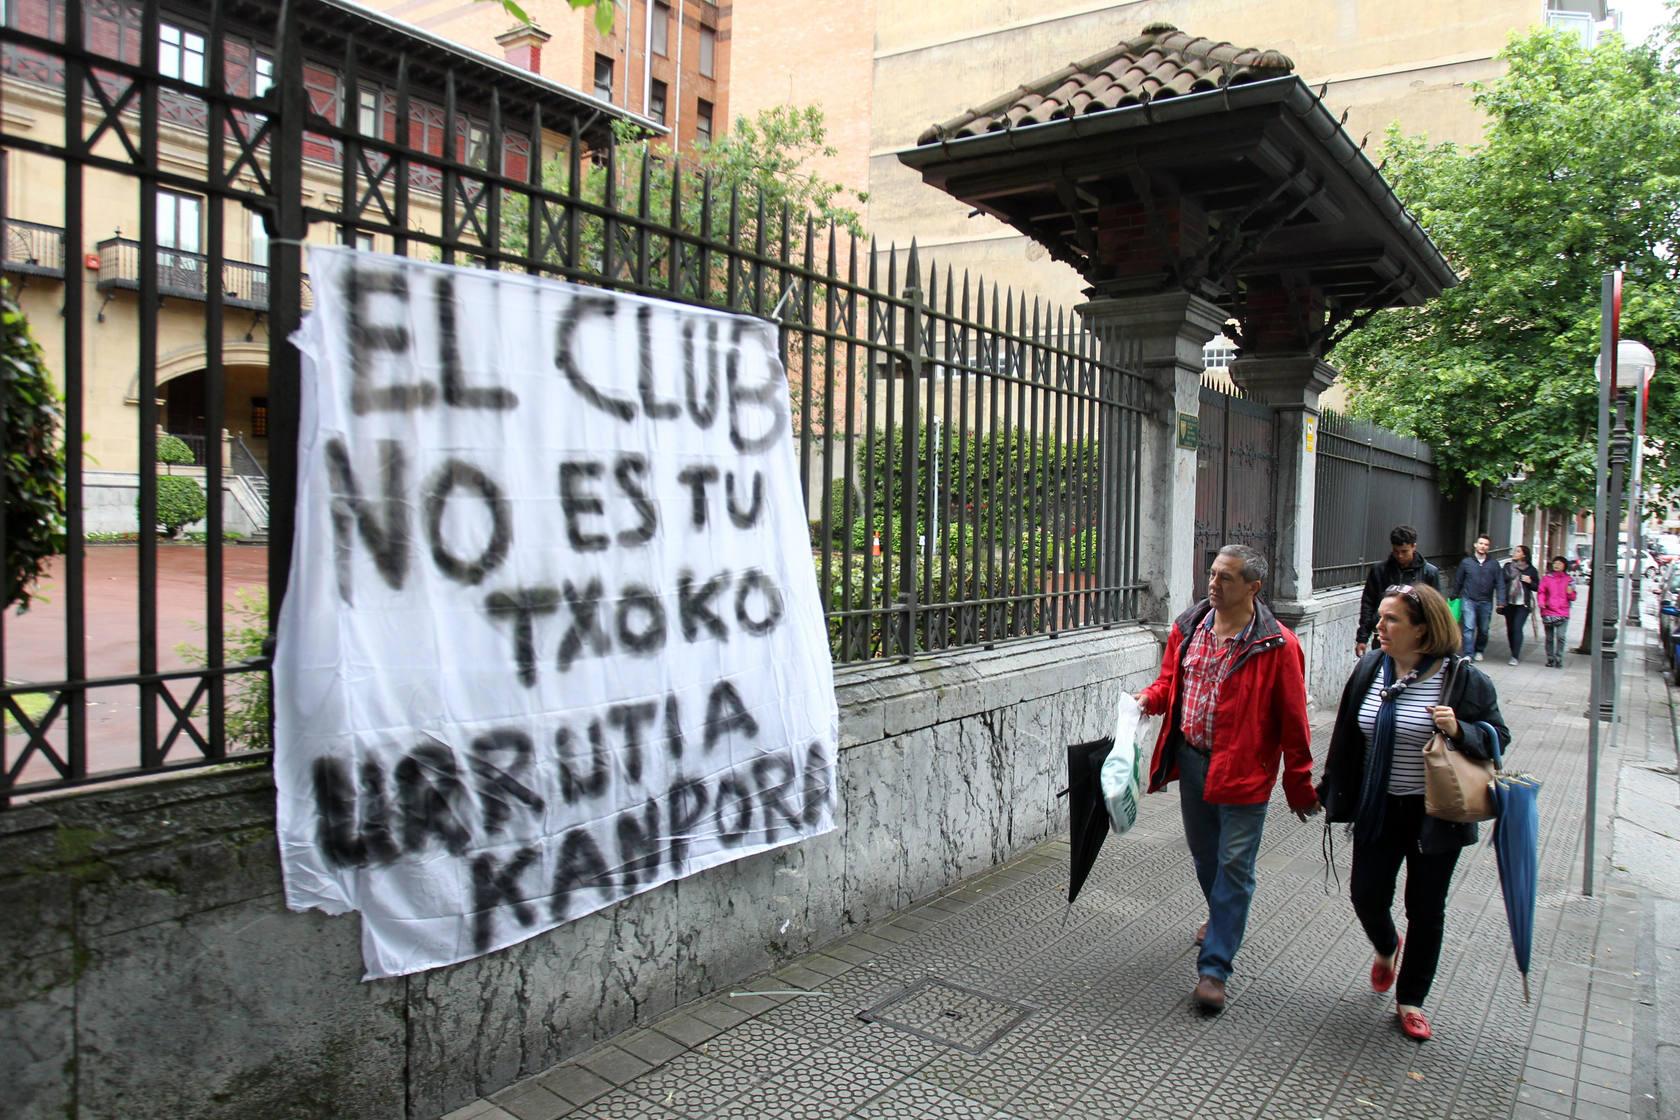 Pancartas a favor de Bielsa y en contra de Urrutia